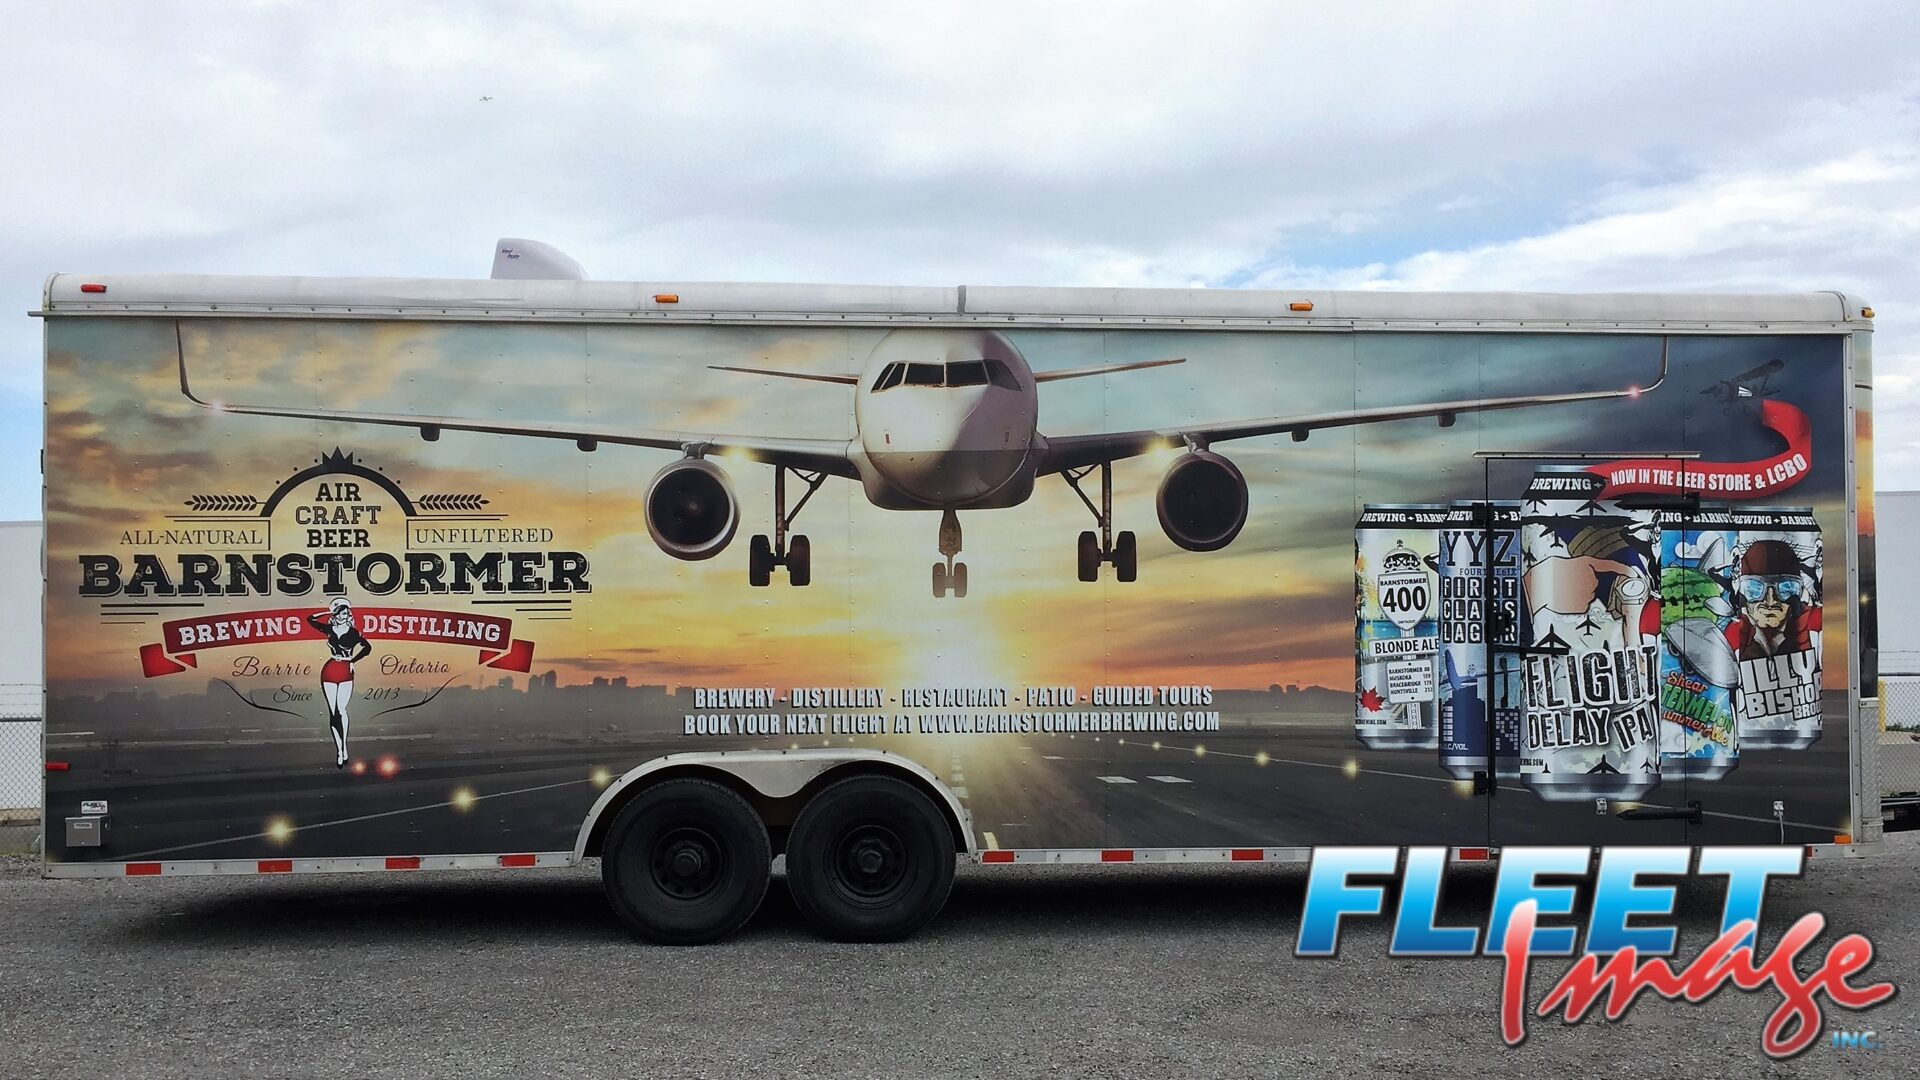 Aircraft Beer Barnstormer decal sticker on a truck